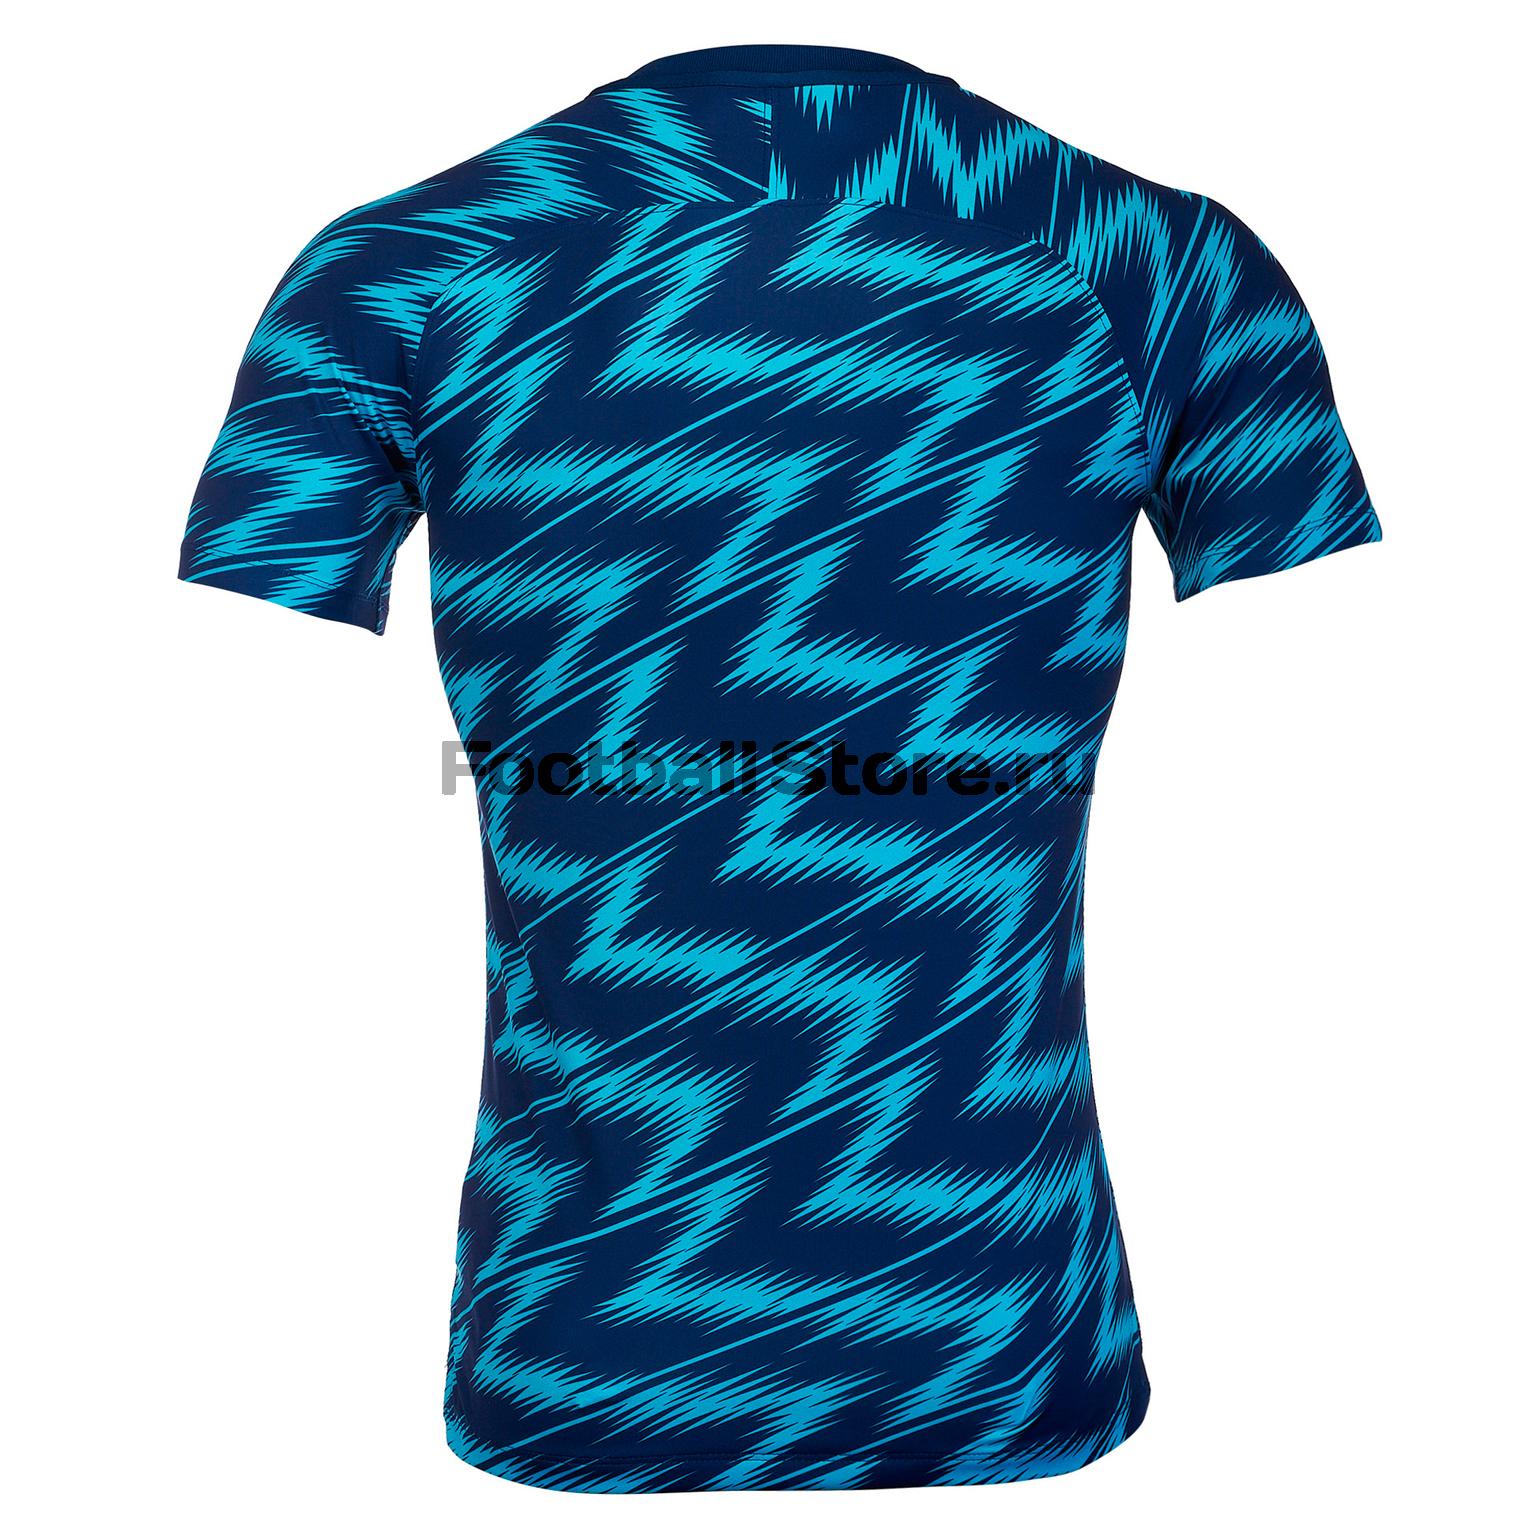 17b73090 Предыгровая футболка Nike ФК